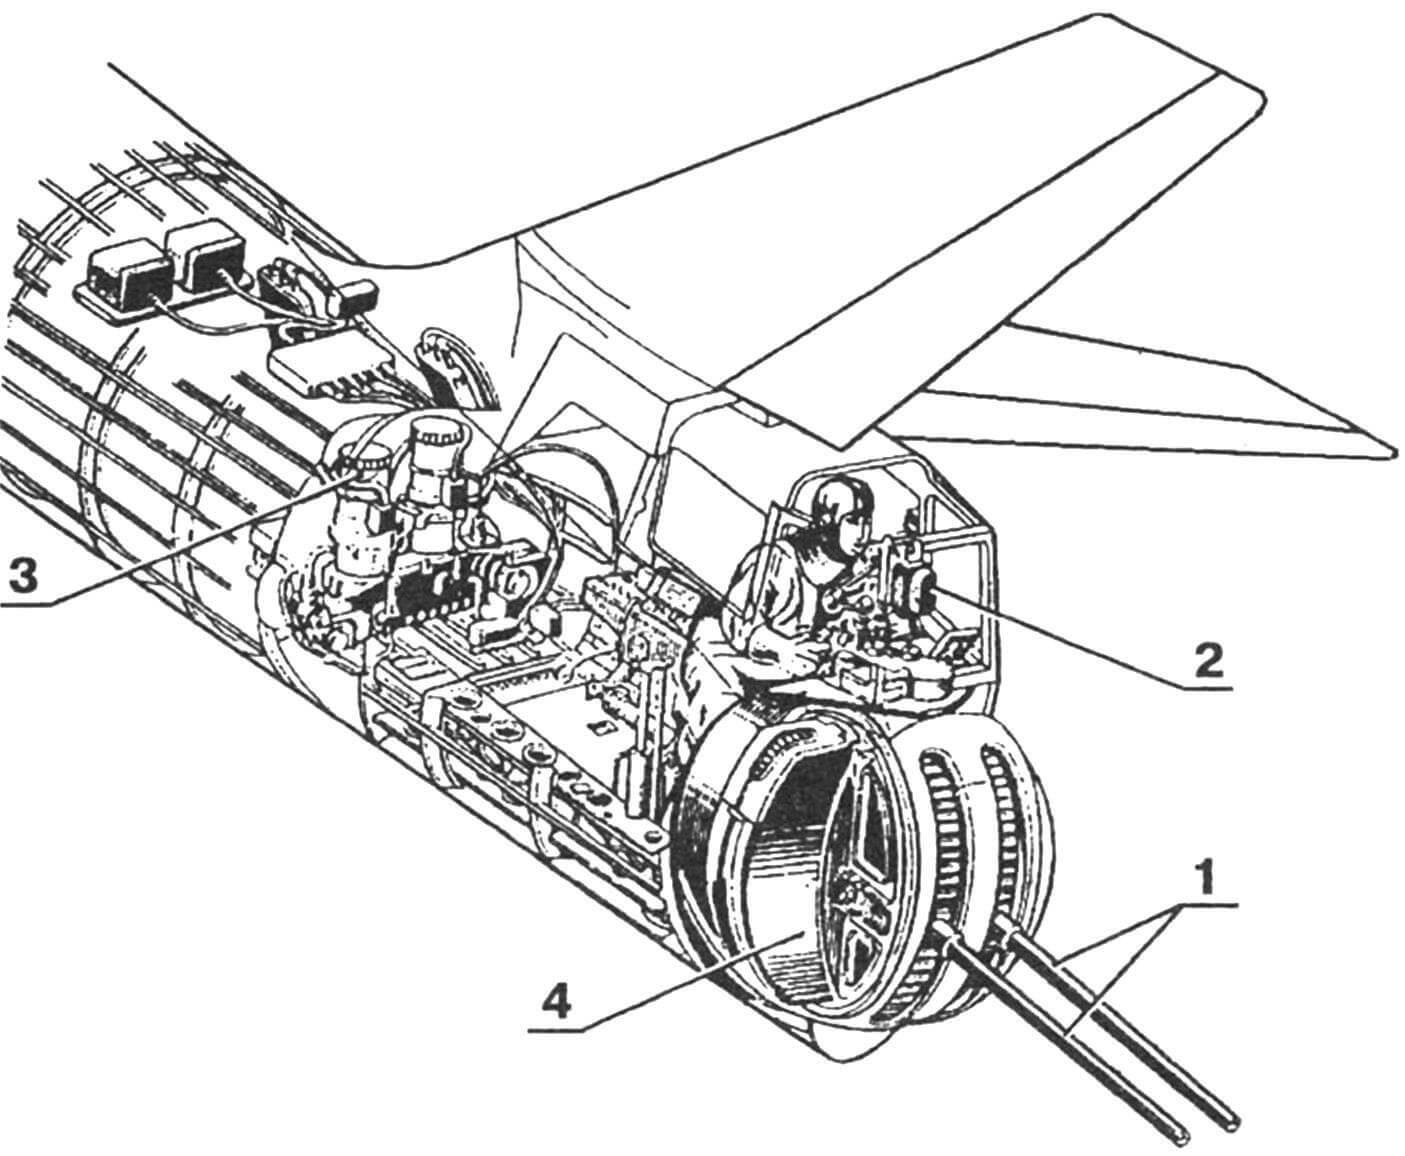 Компоновка кормовой оборонительной установки Ил-К6 самолета Ил-28